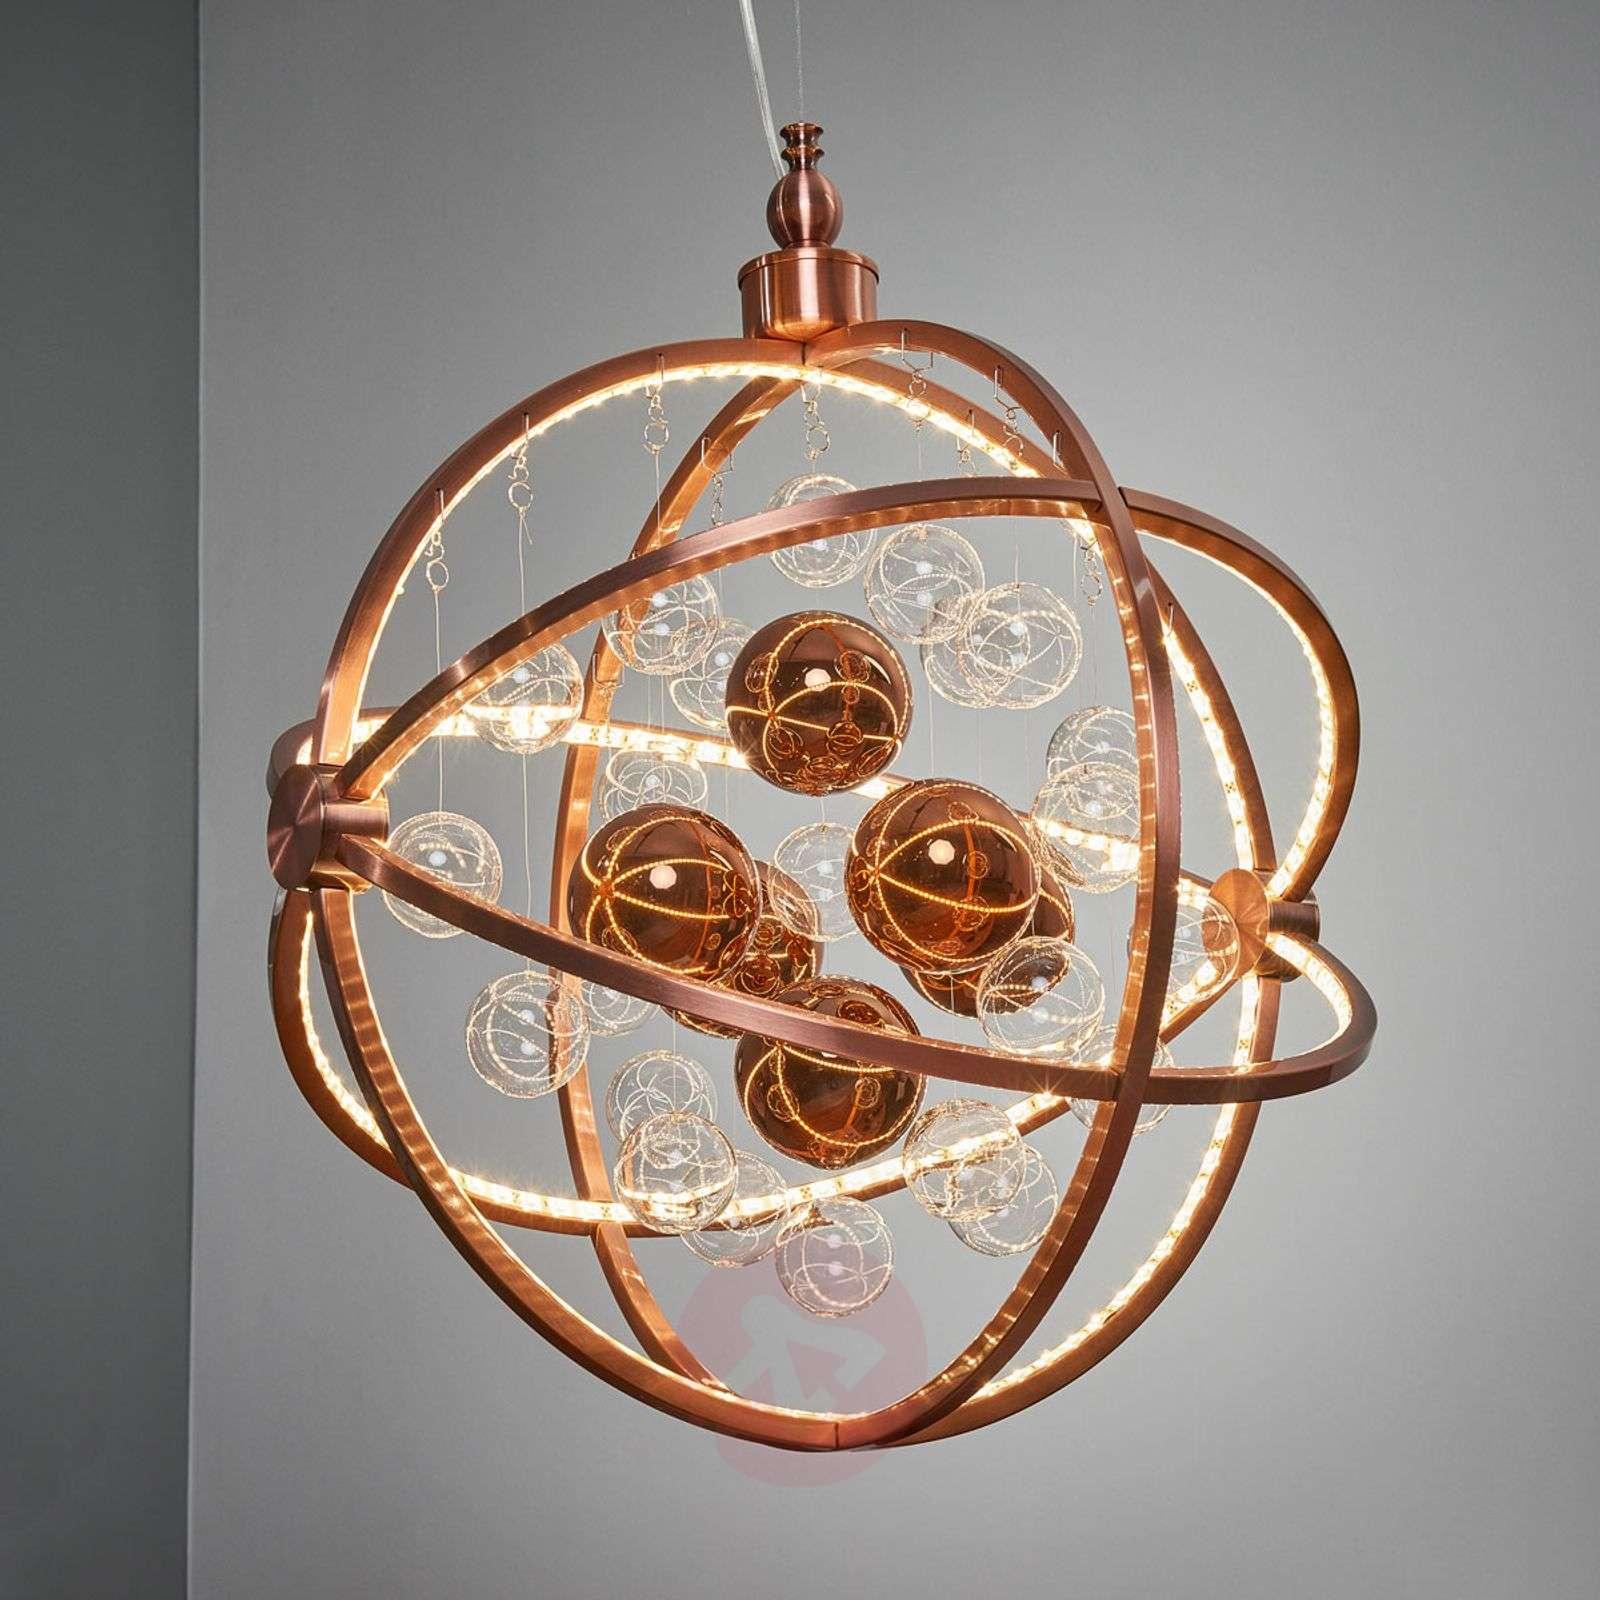 KARE Universum galactic LED hanging light-5517404-01